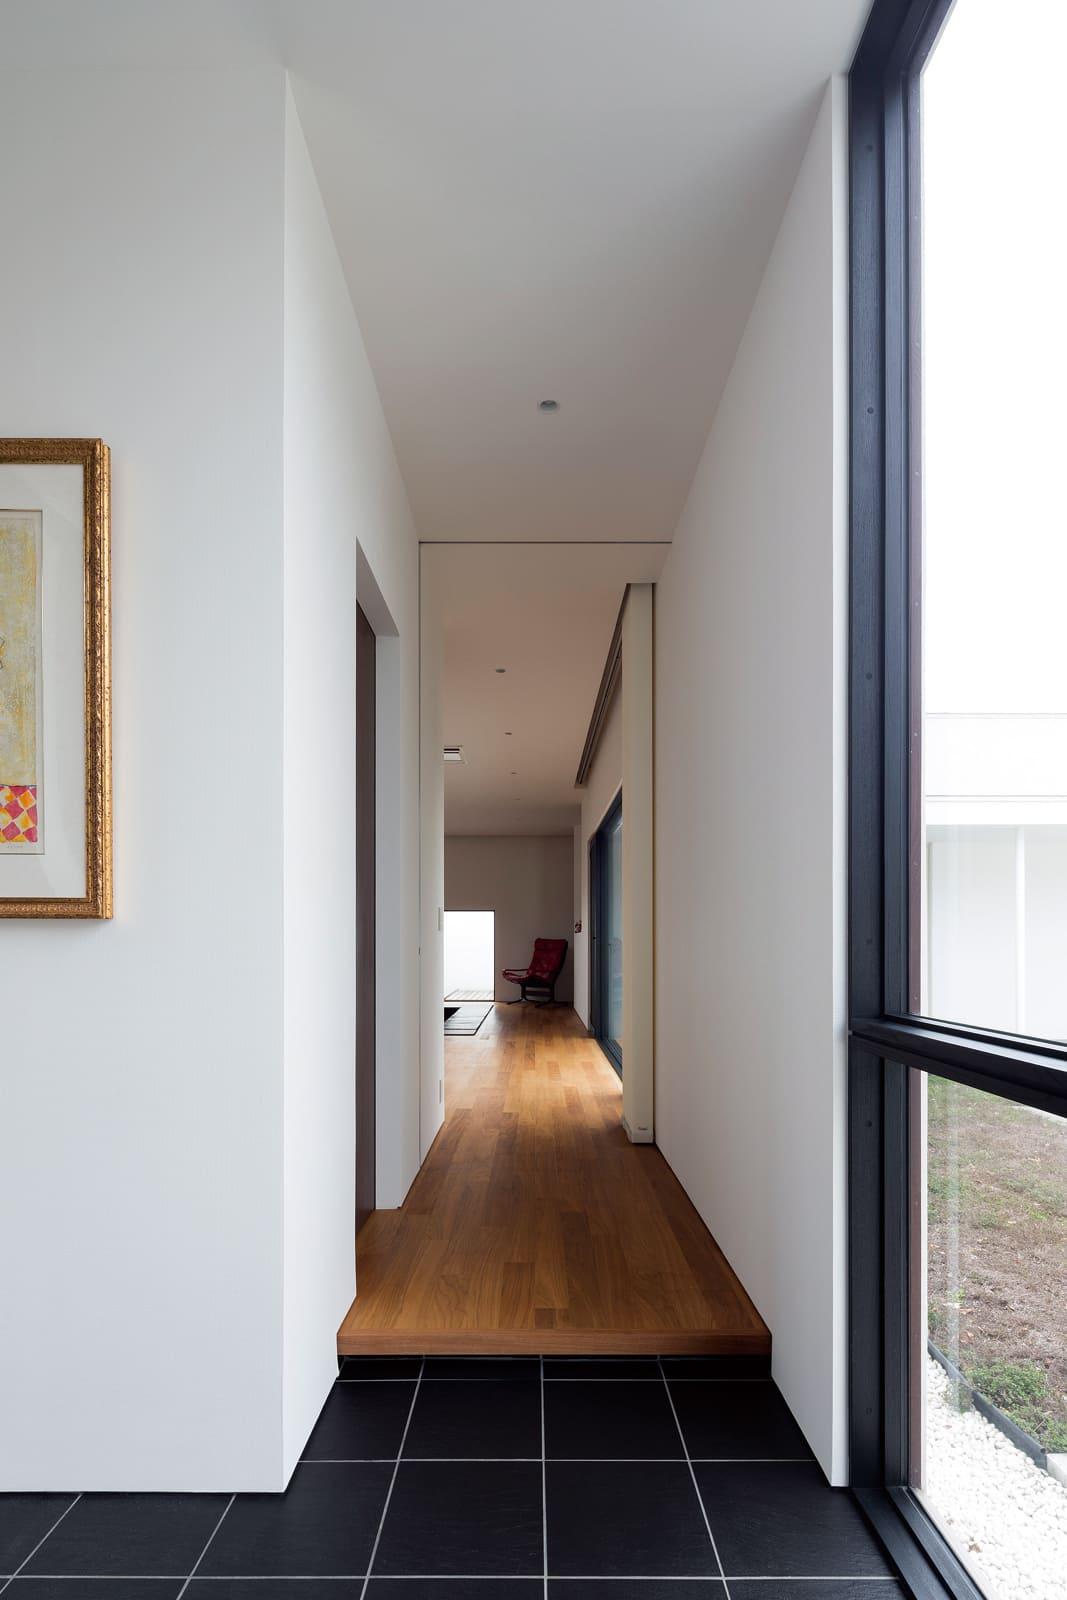 玄関からリビング・ダイニング方向を見る。買い増しした土地によって実現したロングスパンの開放的な空間